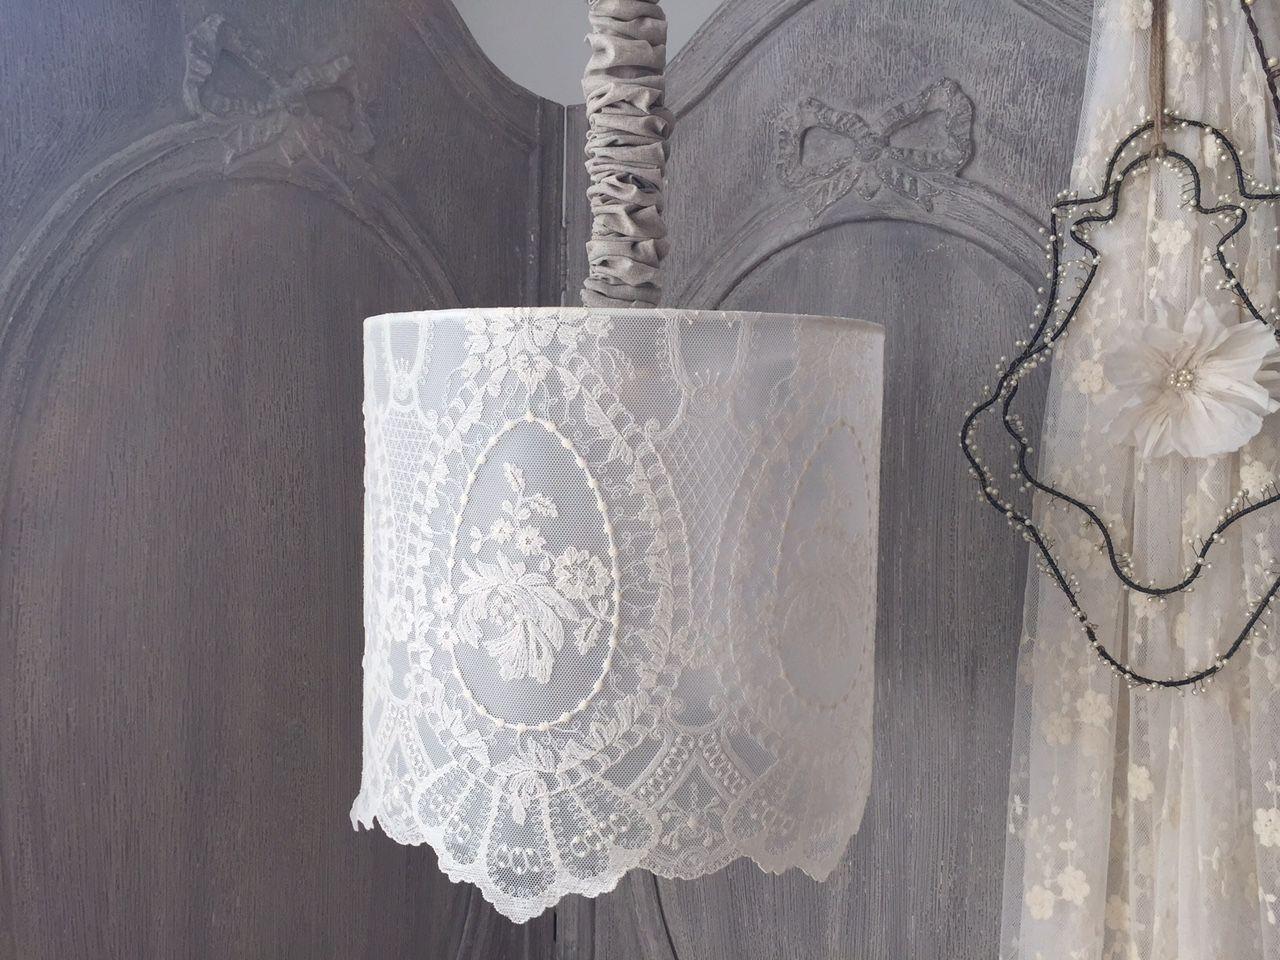 Кружева на стене: как использовать в современном интерьере